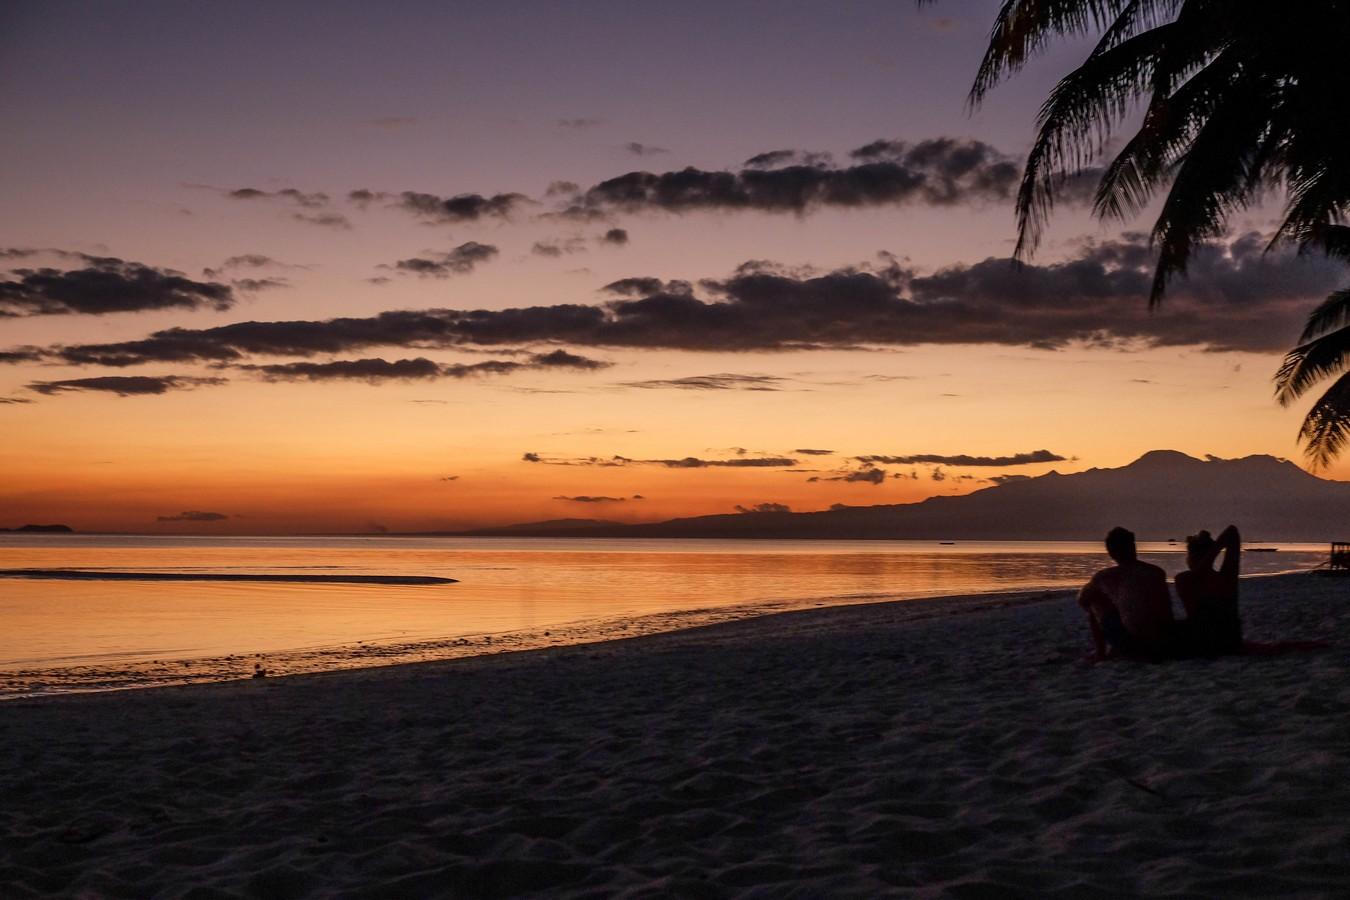 Coucher de soleil sur l'île de Siquijor aux Philippines.